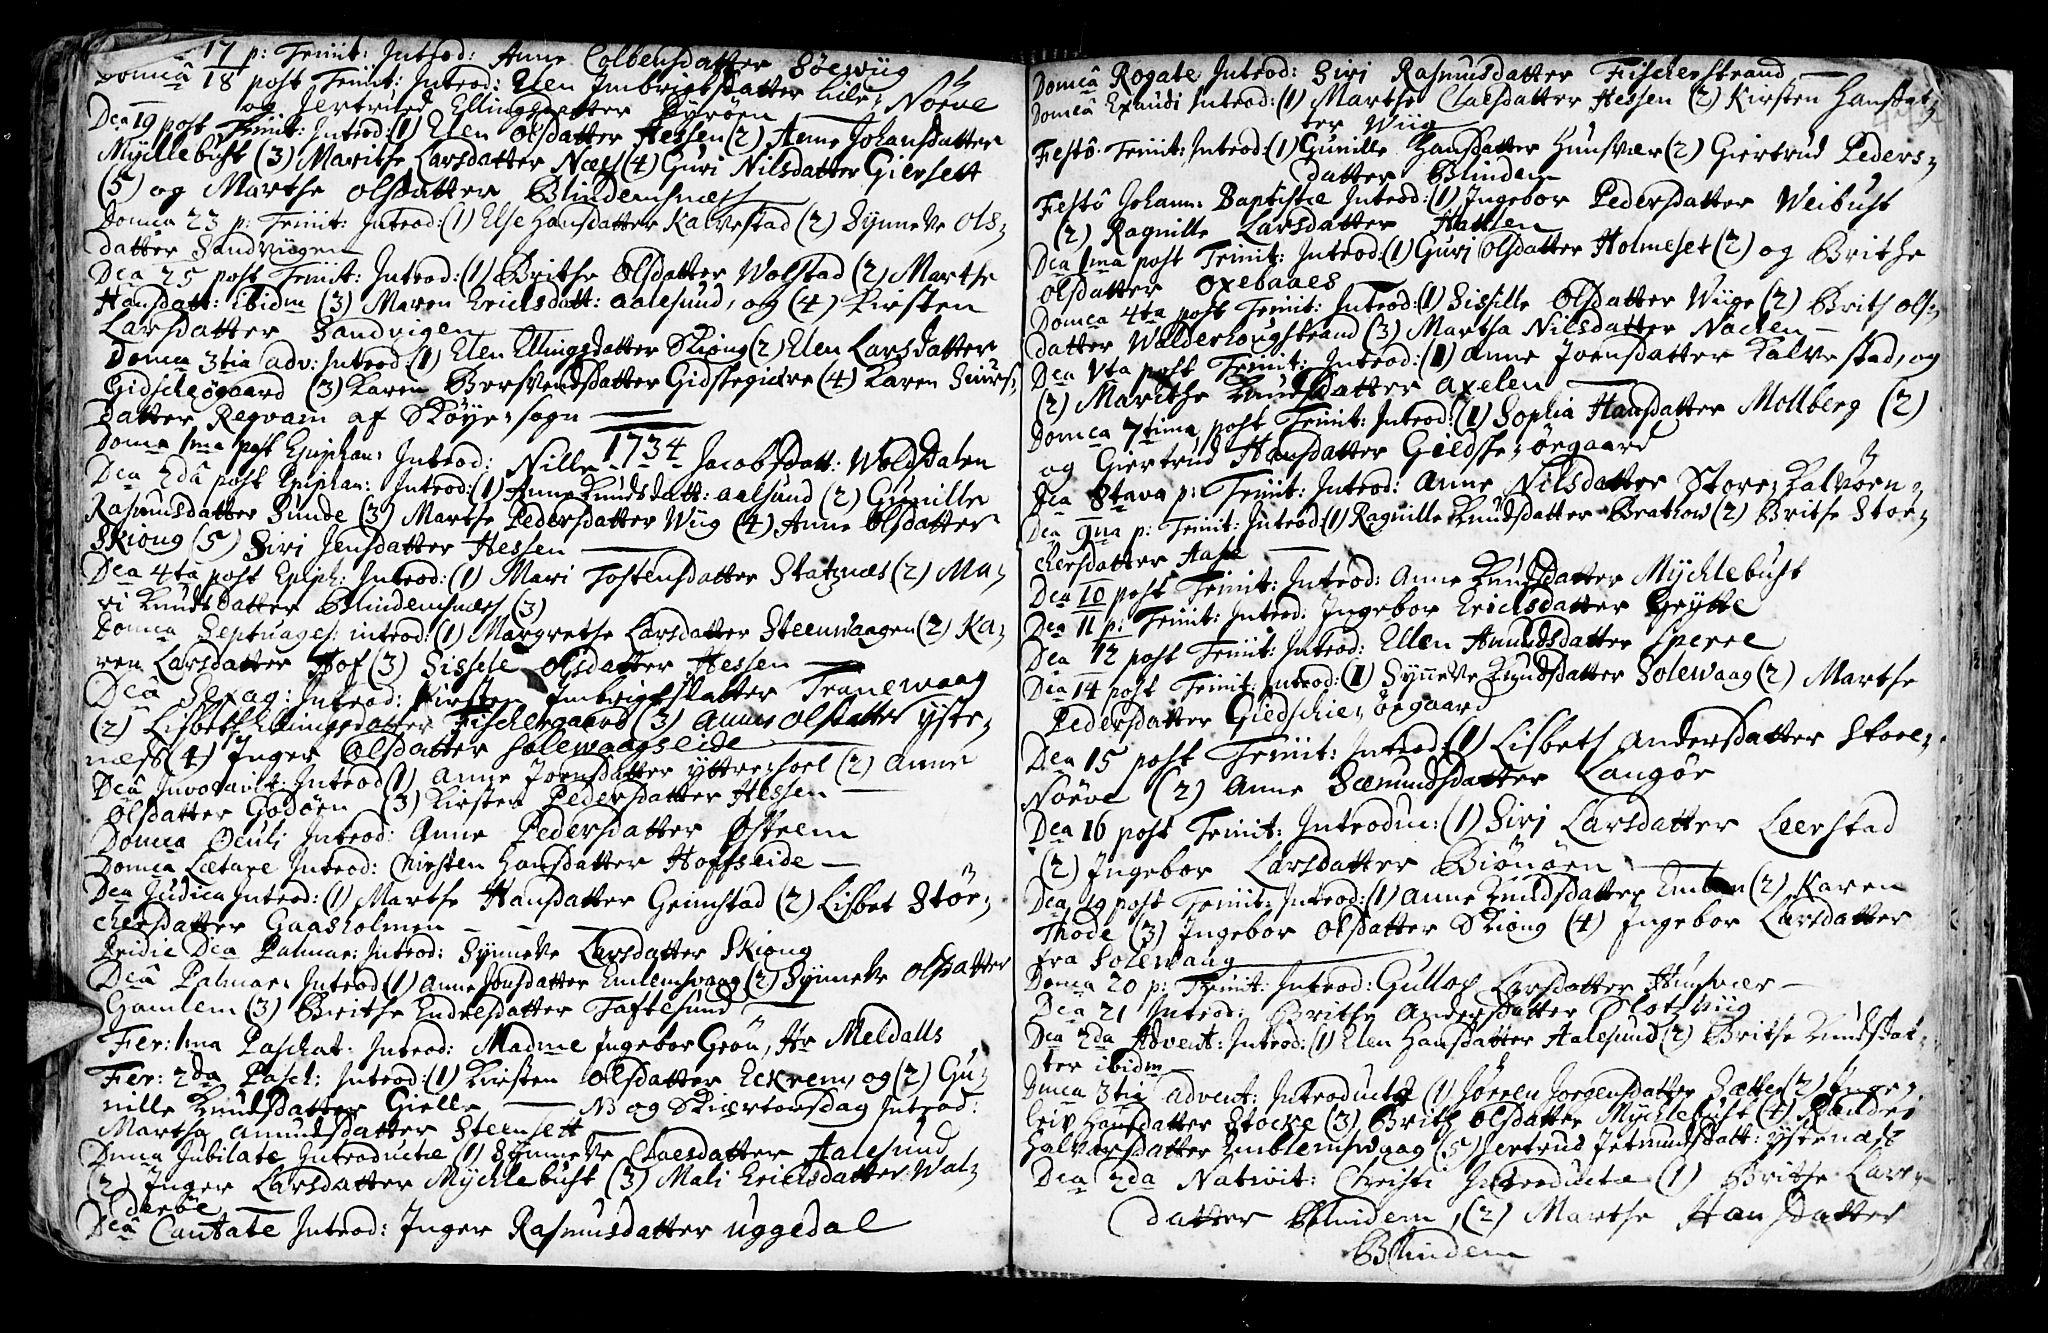 SAT, Ministerialprotokoller, klokkerbøker og fødselsregistre - Møre og Romsdal, 528/L0390: Ministerialbok nr. 528A01, 1698-1739, s. 476-477